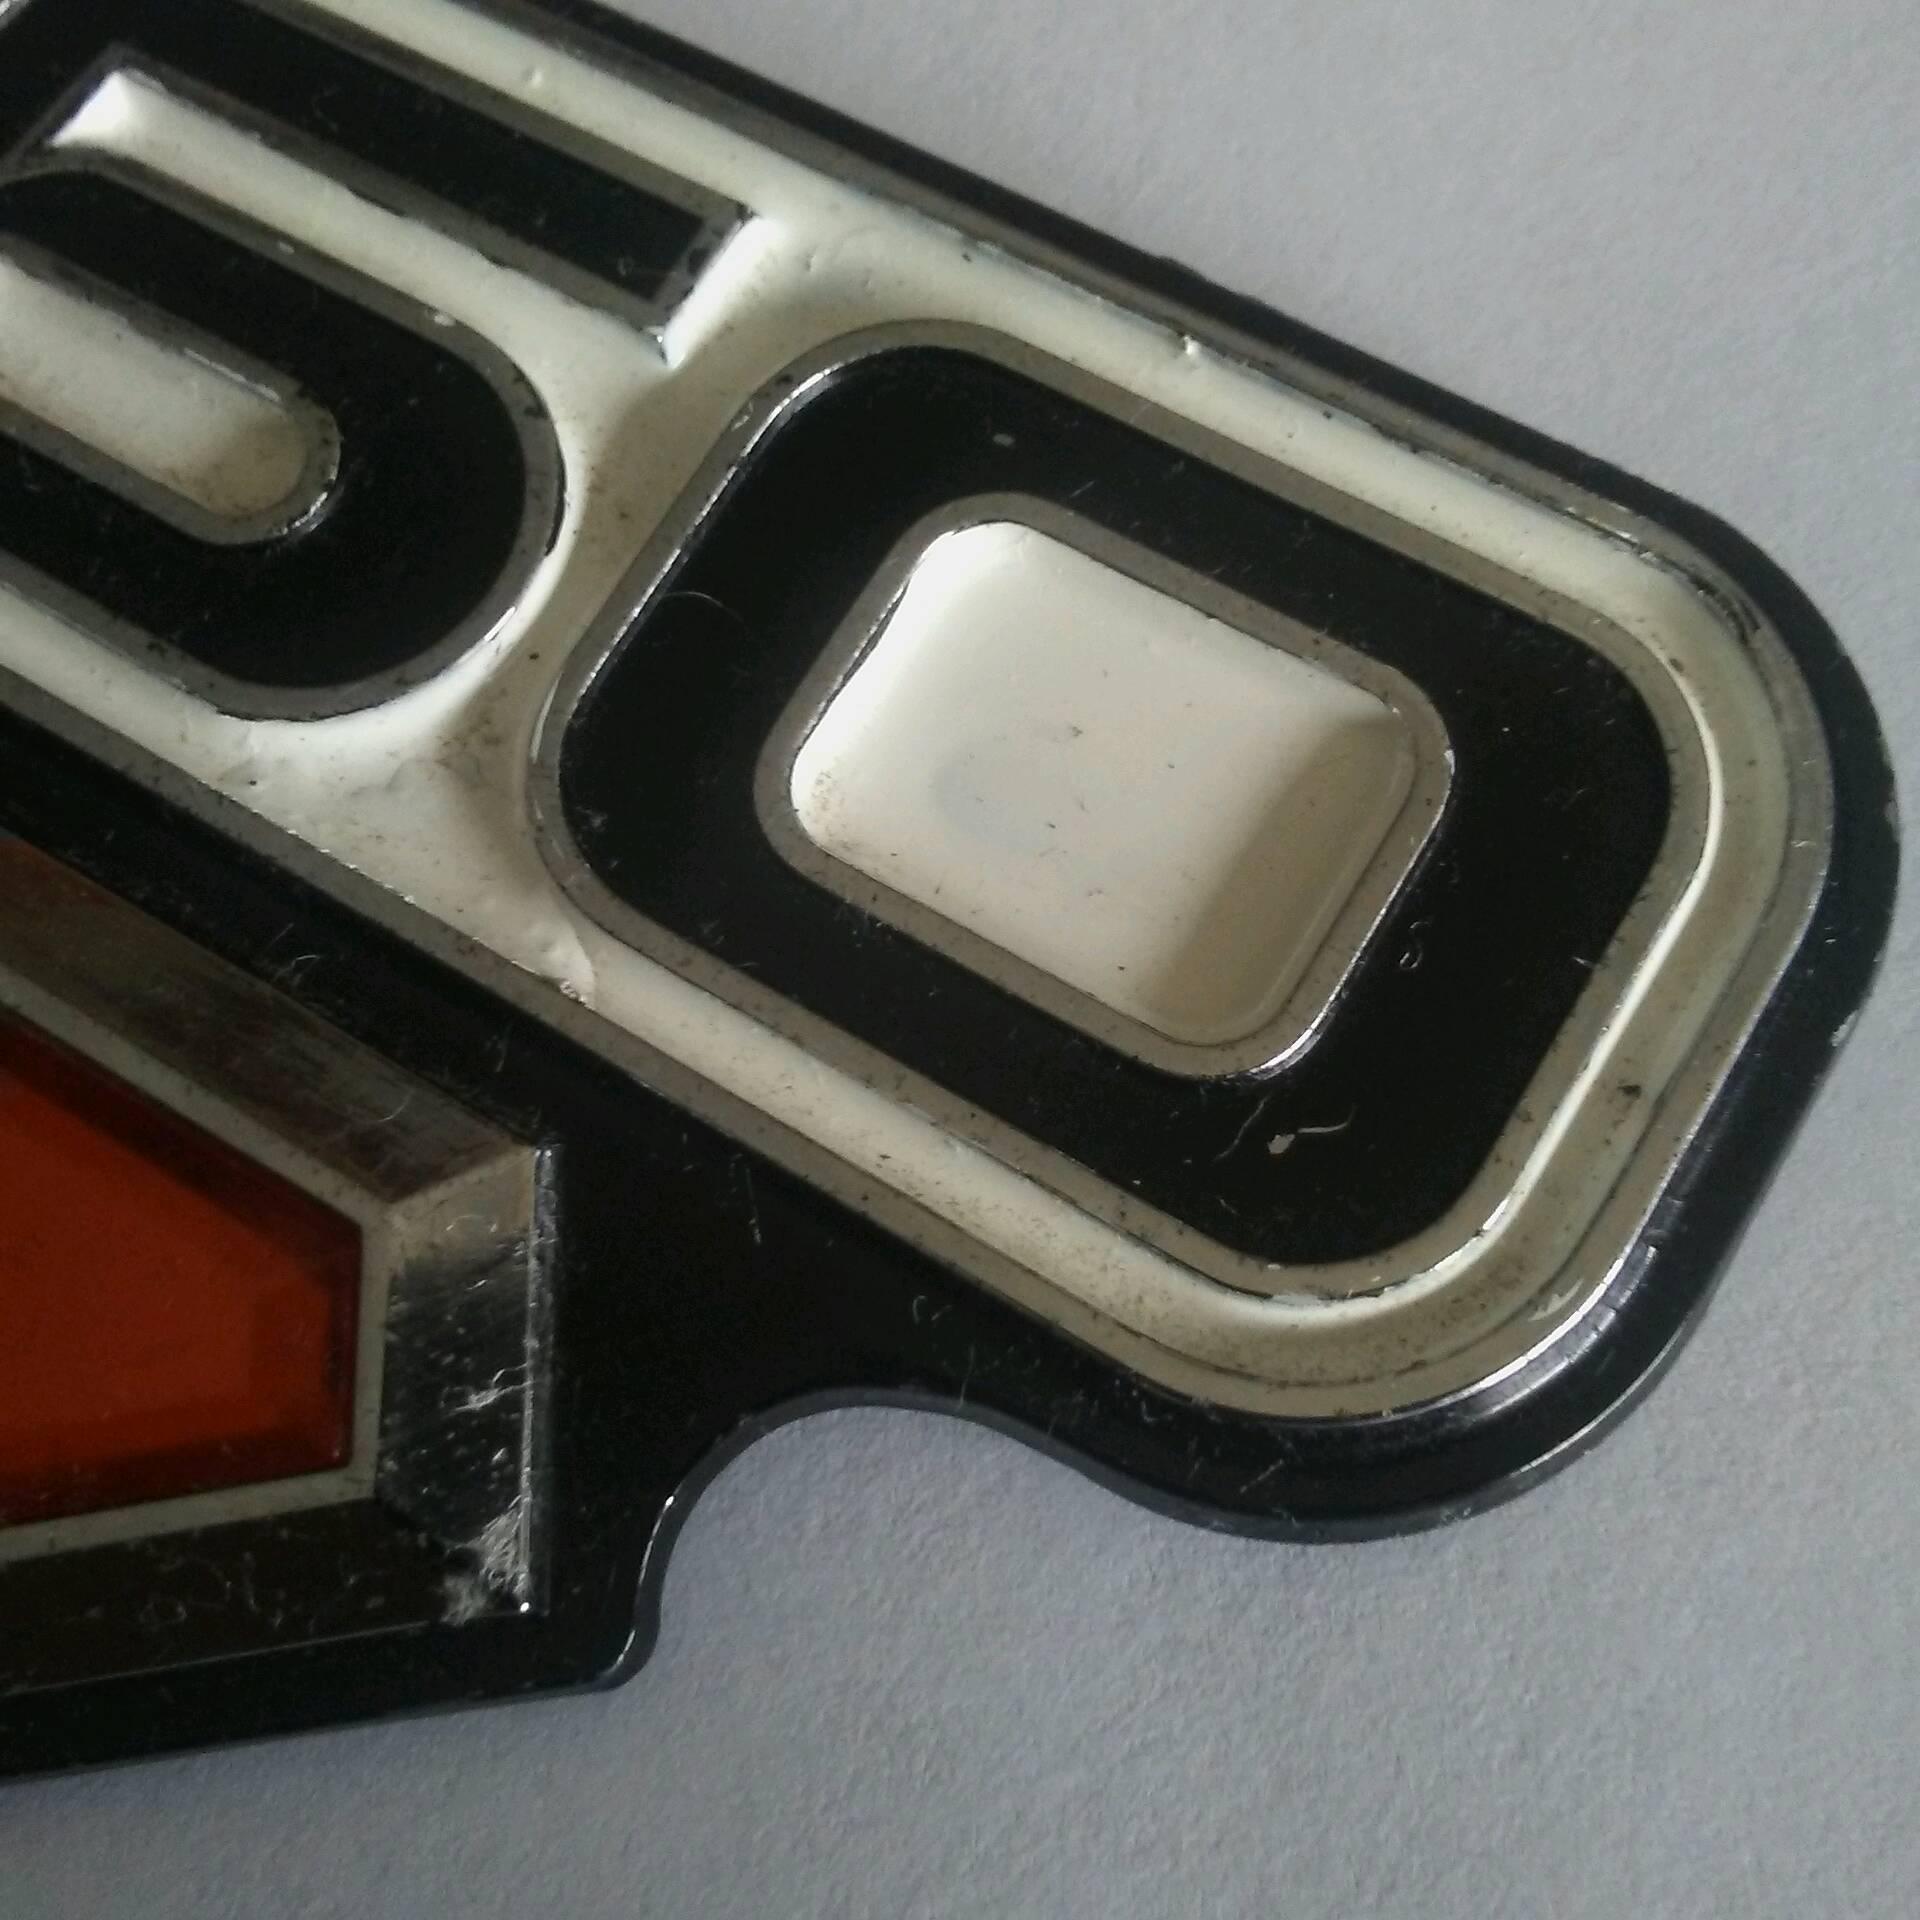 1973 CB350 & 1971 CB350 Parts-20180812_113207.jpg